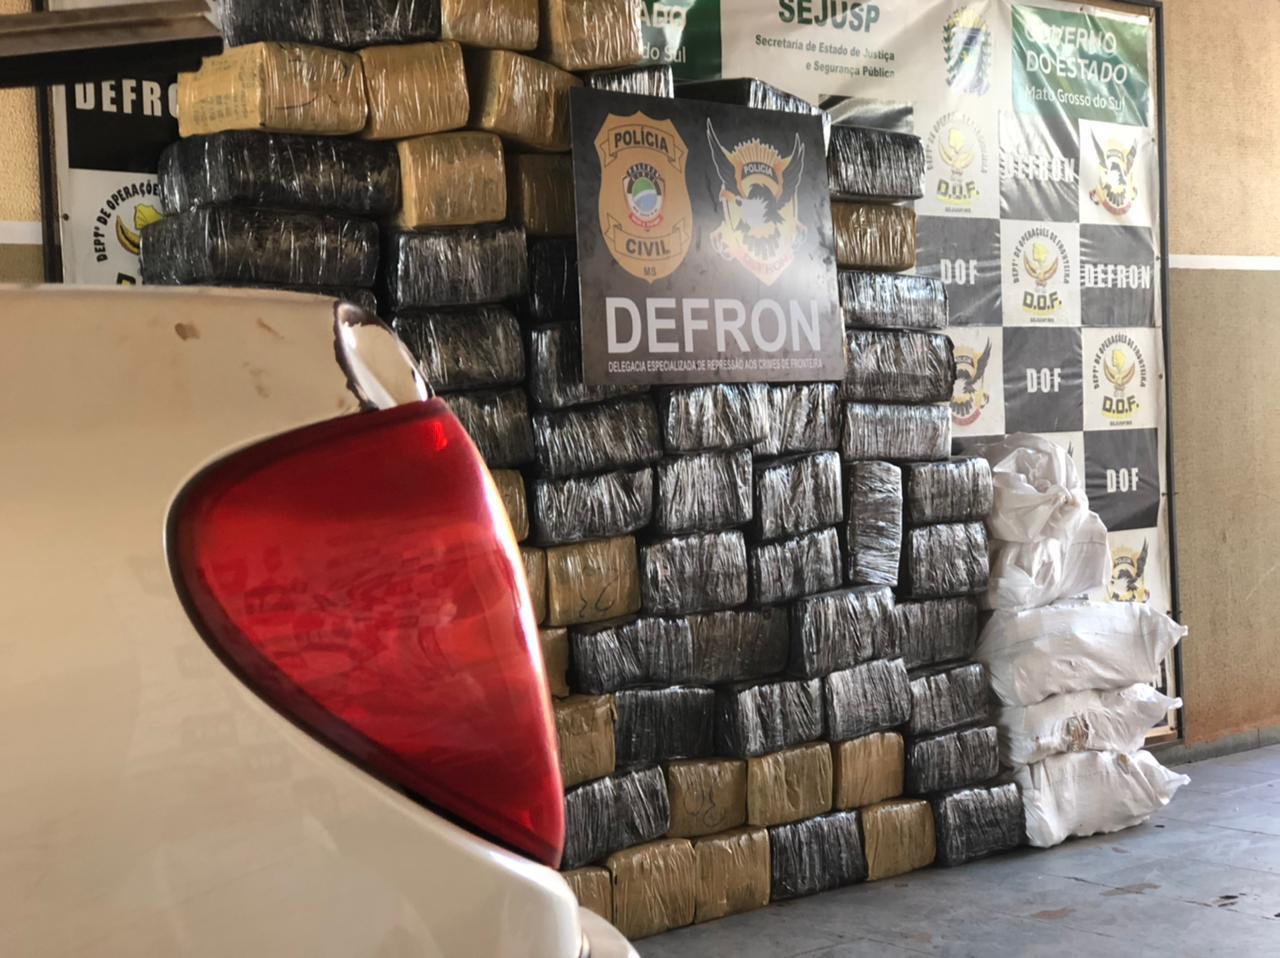 Fronteira-DEFRON, ao monitorar rota de escoamento de drogas, intercepta camionete com 1506 quilos de maconha .